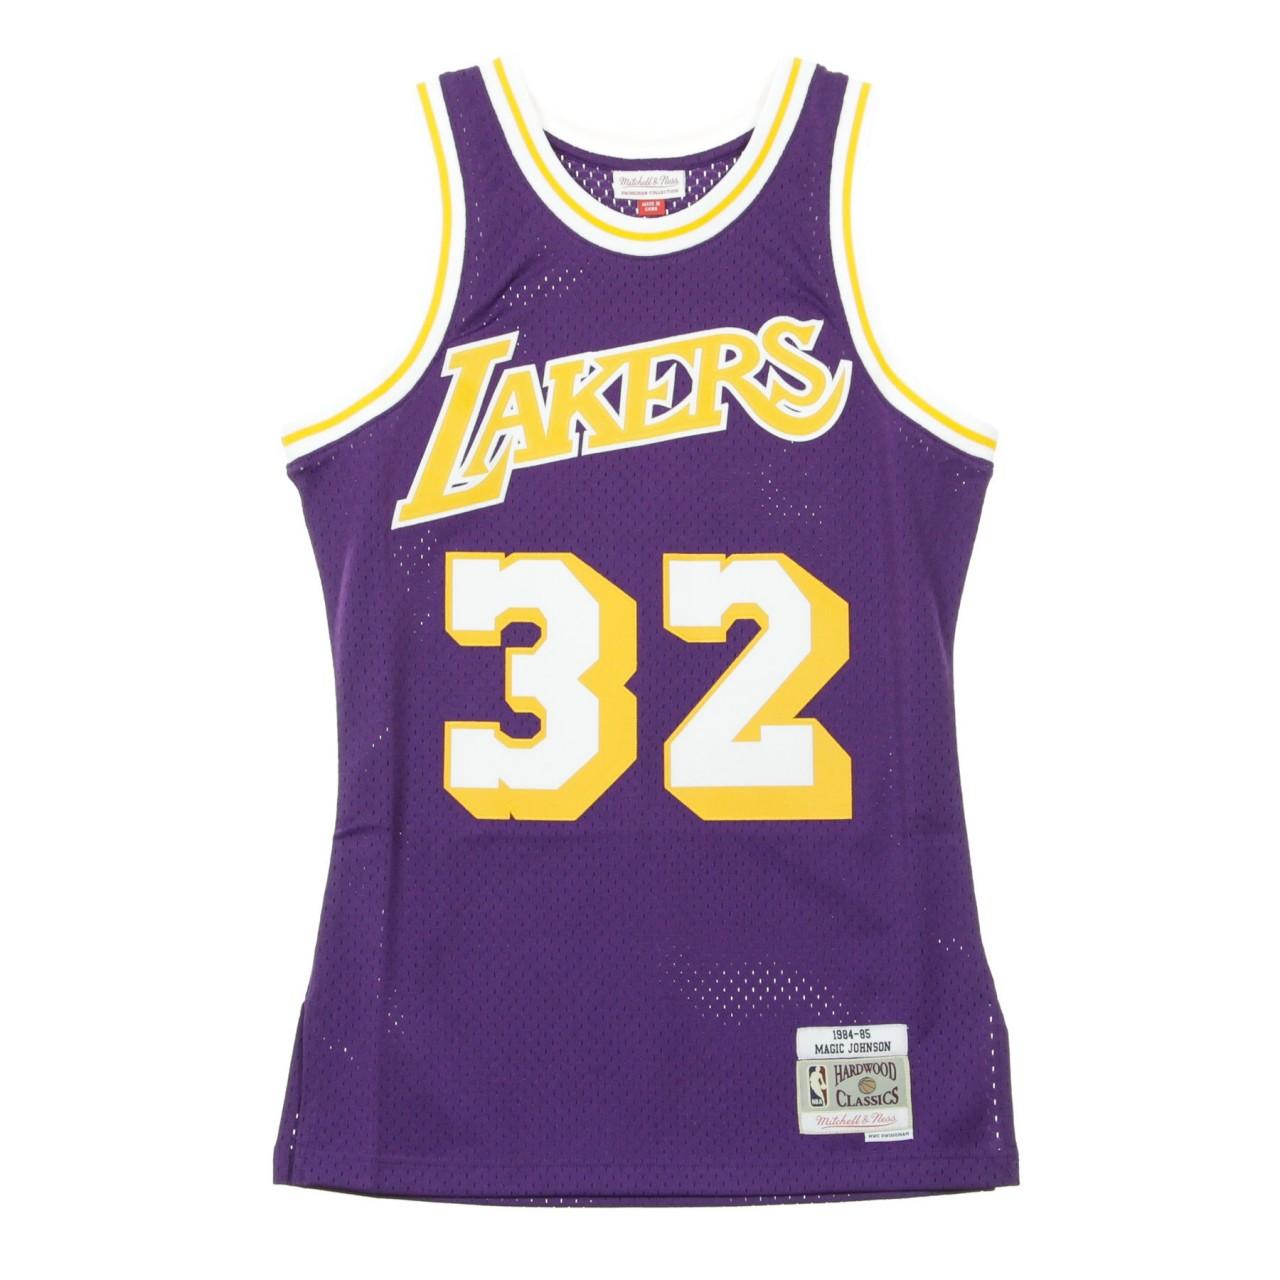 MITCHELL & NESS NBA SWINGMAN JERSEY MAGIC JOHNSON NO.32 1984-85 LOSLAK ROAD MN-NBA-353J-329-FGYEJH-LALAKE